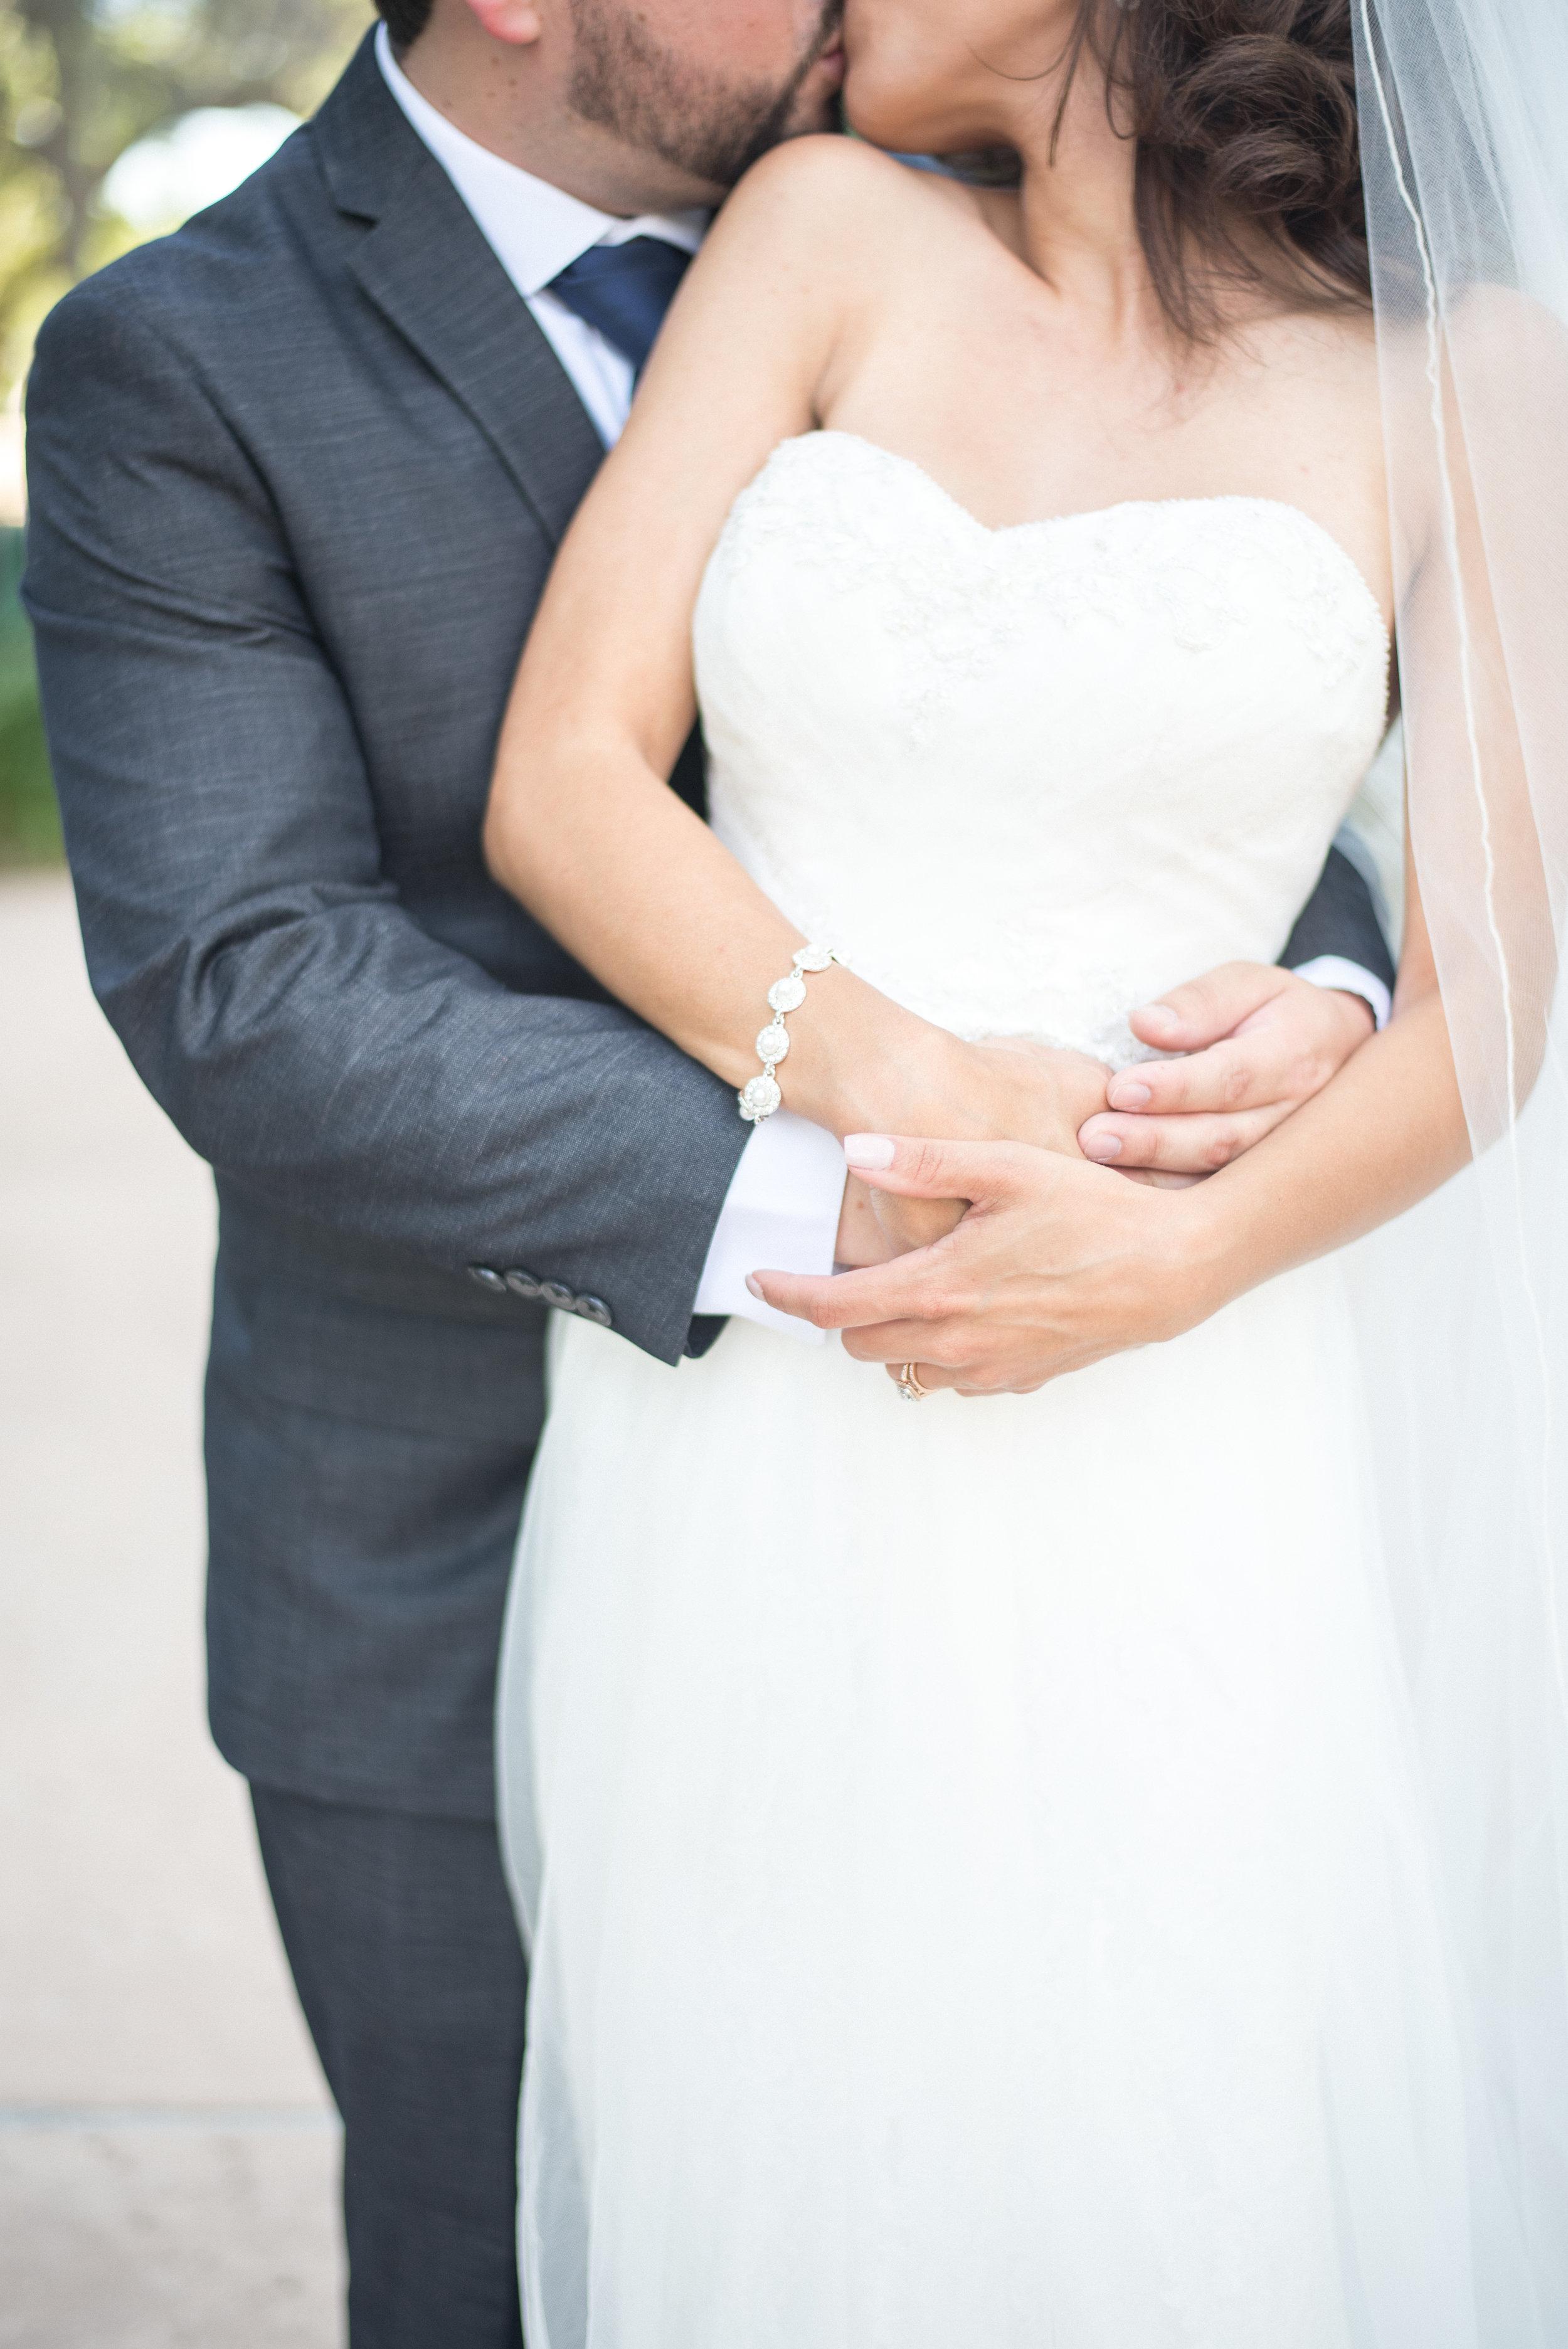 weddings2 (8 of 10).jpg